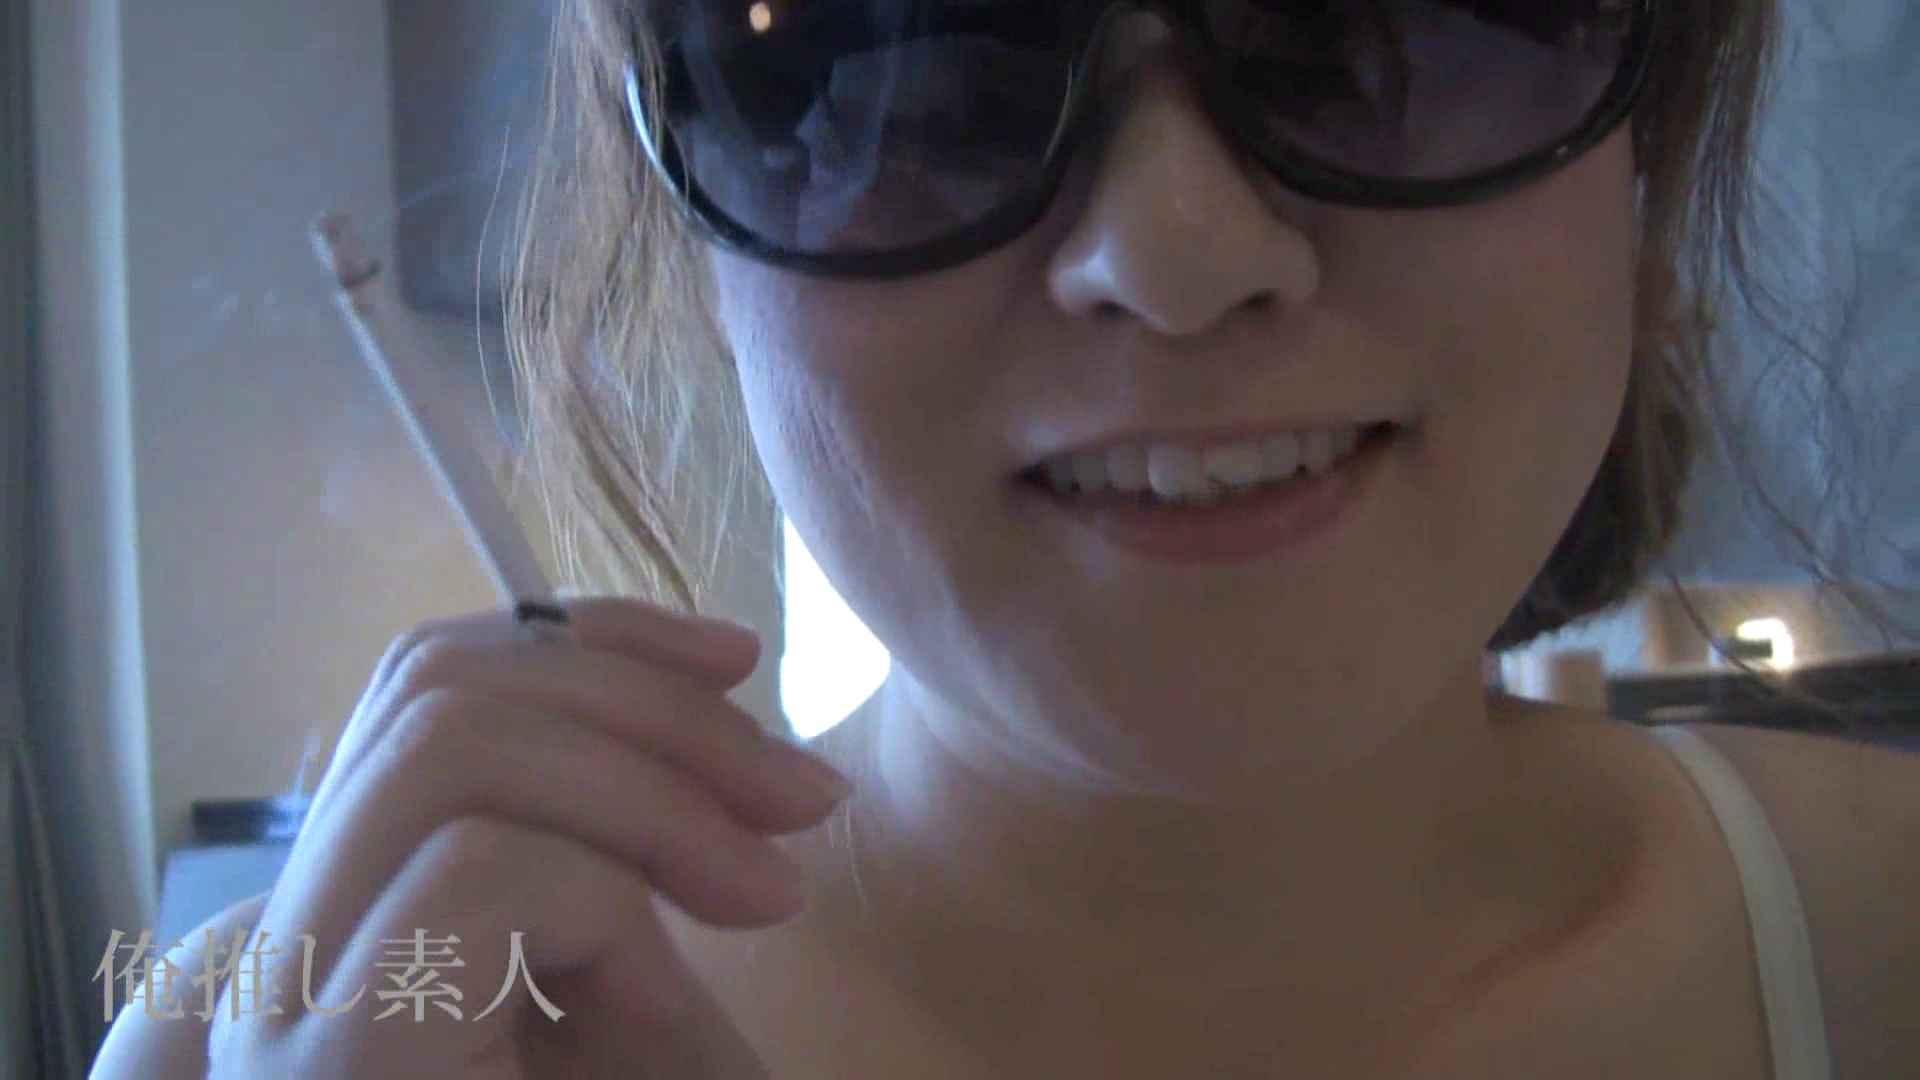 俺推し素人 キャバクラ嬢26歳久美vol5 セックス映像 盗み撮り動画 98pic 29